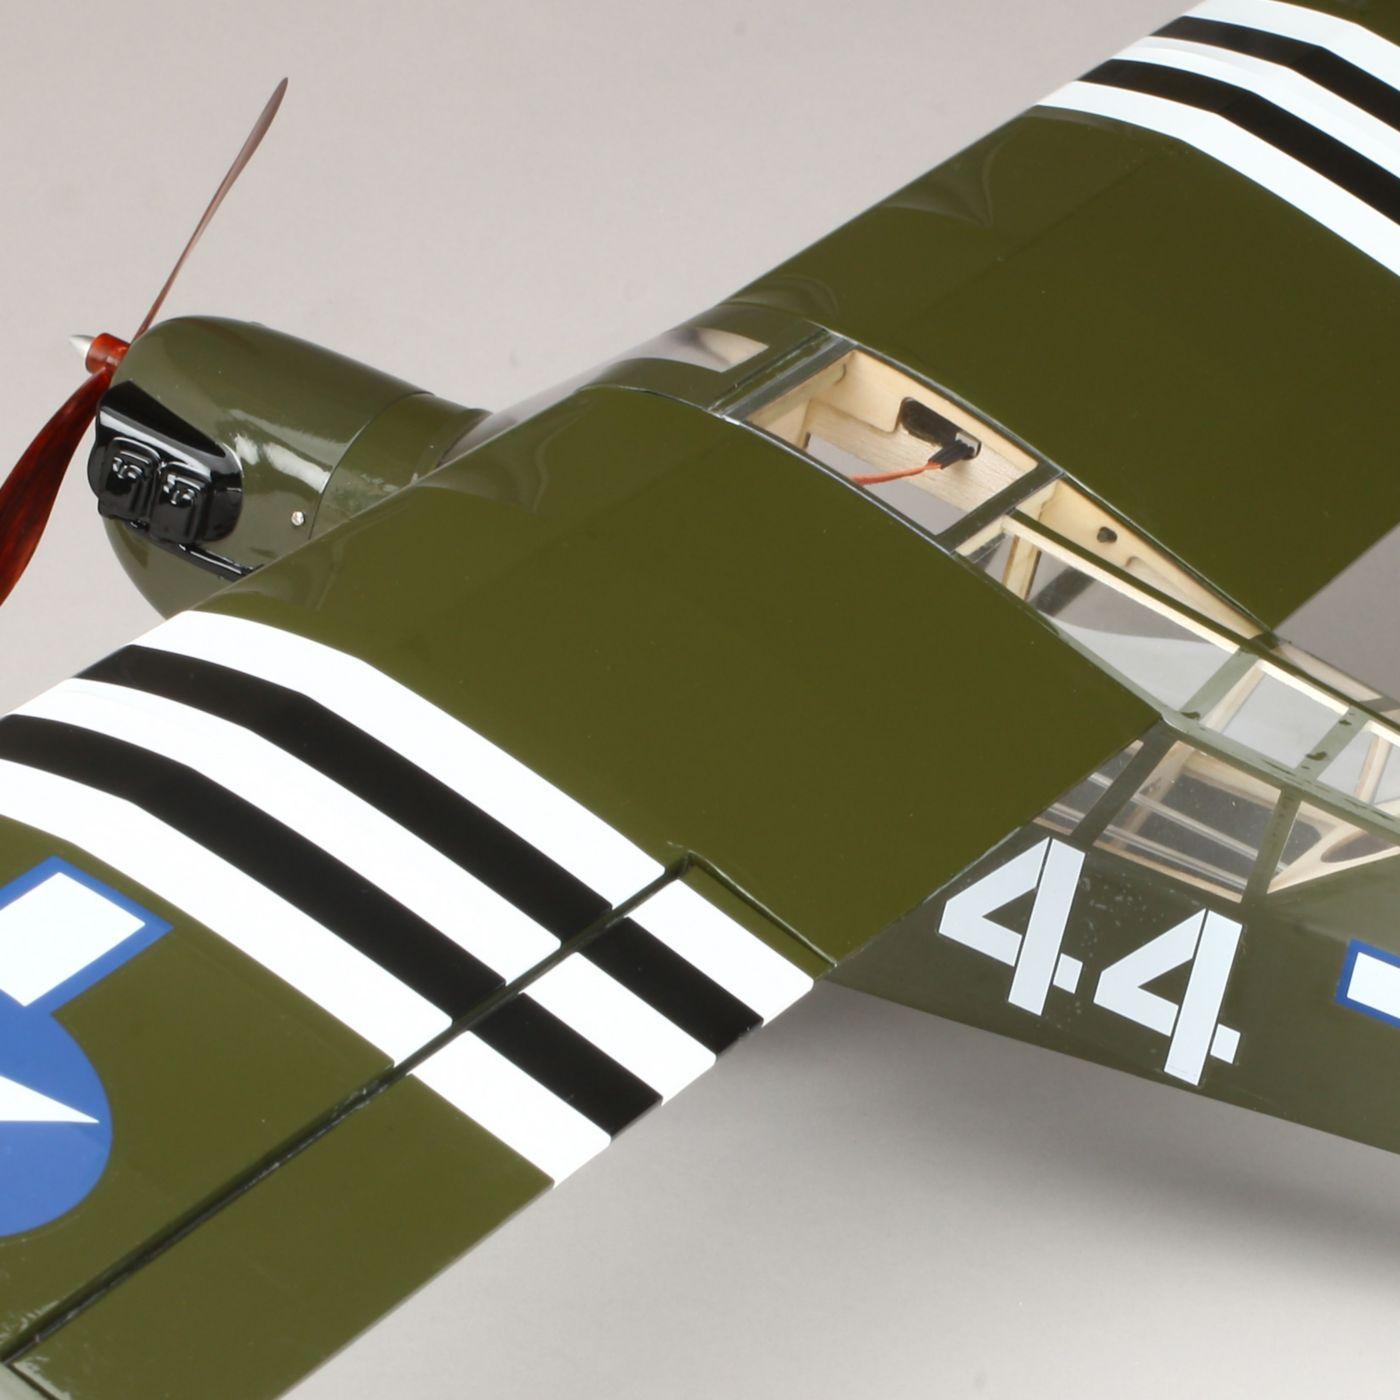 E-flite Piper L-4 Grasshopper 250 ARF Airplane | Horizon Hobby